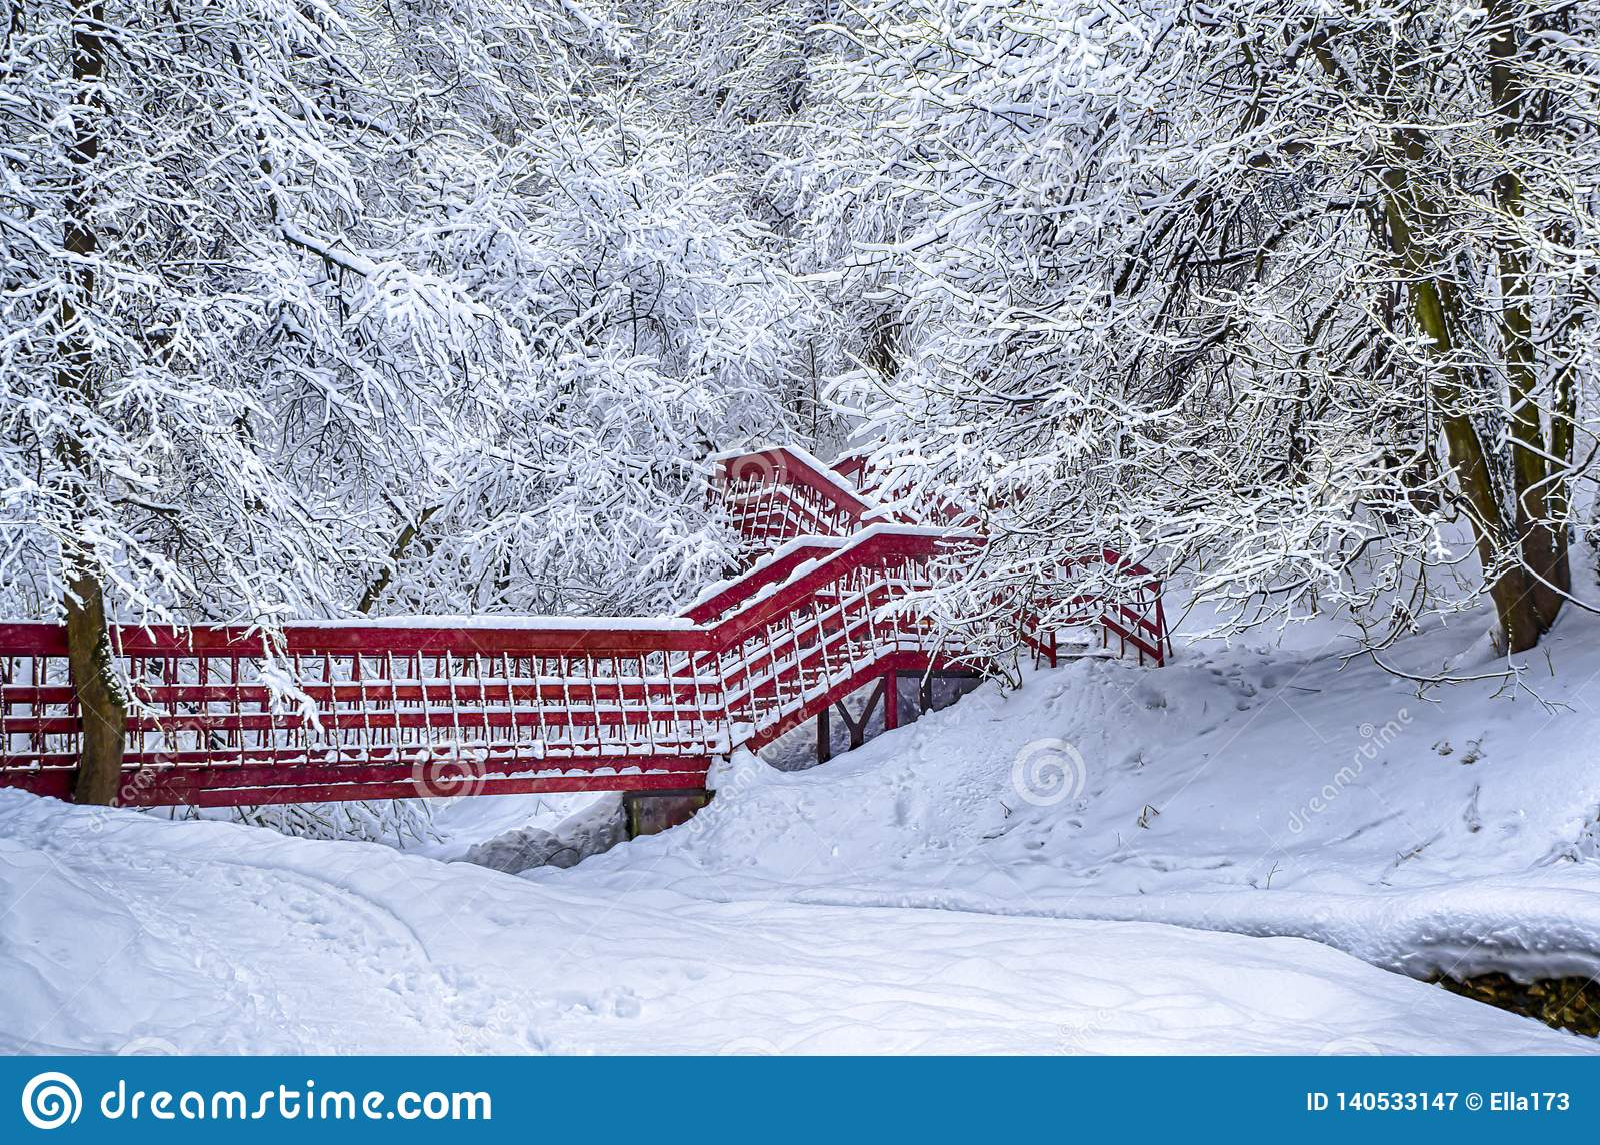 Osamotnionego czerwień mostu zimy śniegu dramatycznego krajobrazu lasowy śnieg na gałąź vignetting hdr fotografii